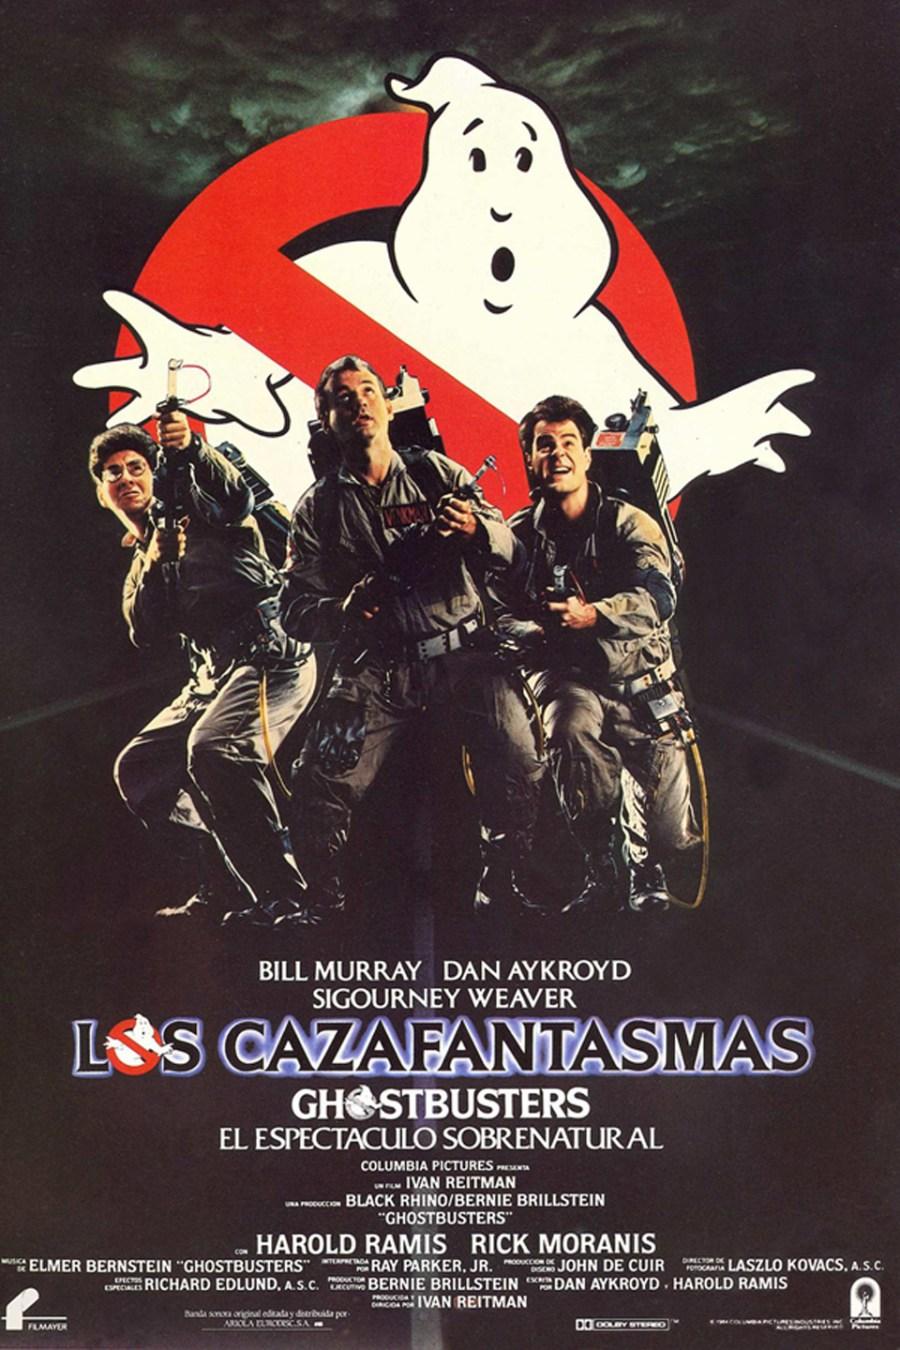 Cartel de Cazafantasmas, de 1984